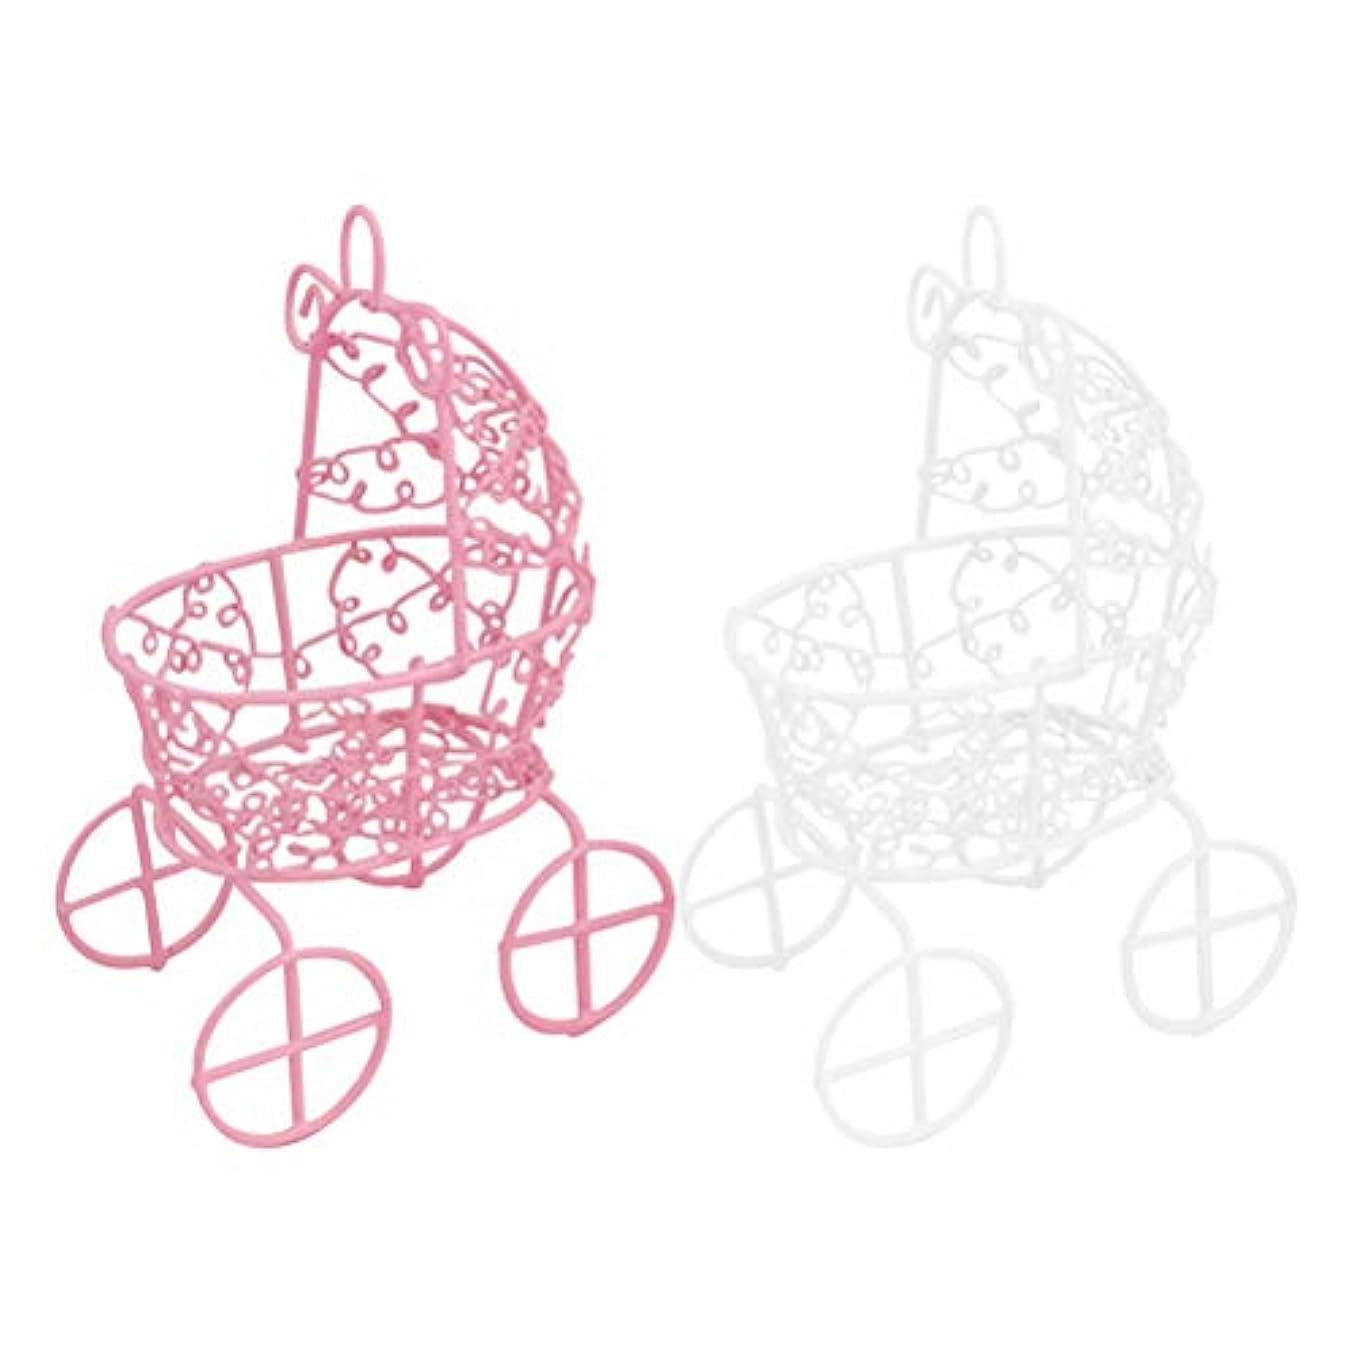 コーヒーから意義Frcolor メイクスポンジスタンド パフホルダー パフ乾燥用スタンド 化粧用パフ收納 カビ防止 小型軽量 2色セット(ピンク+ホワイト)